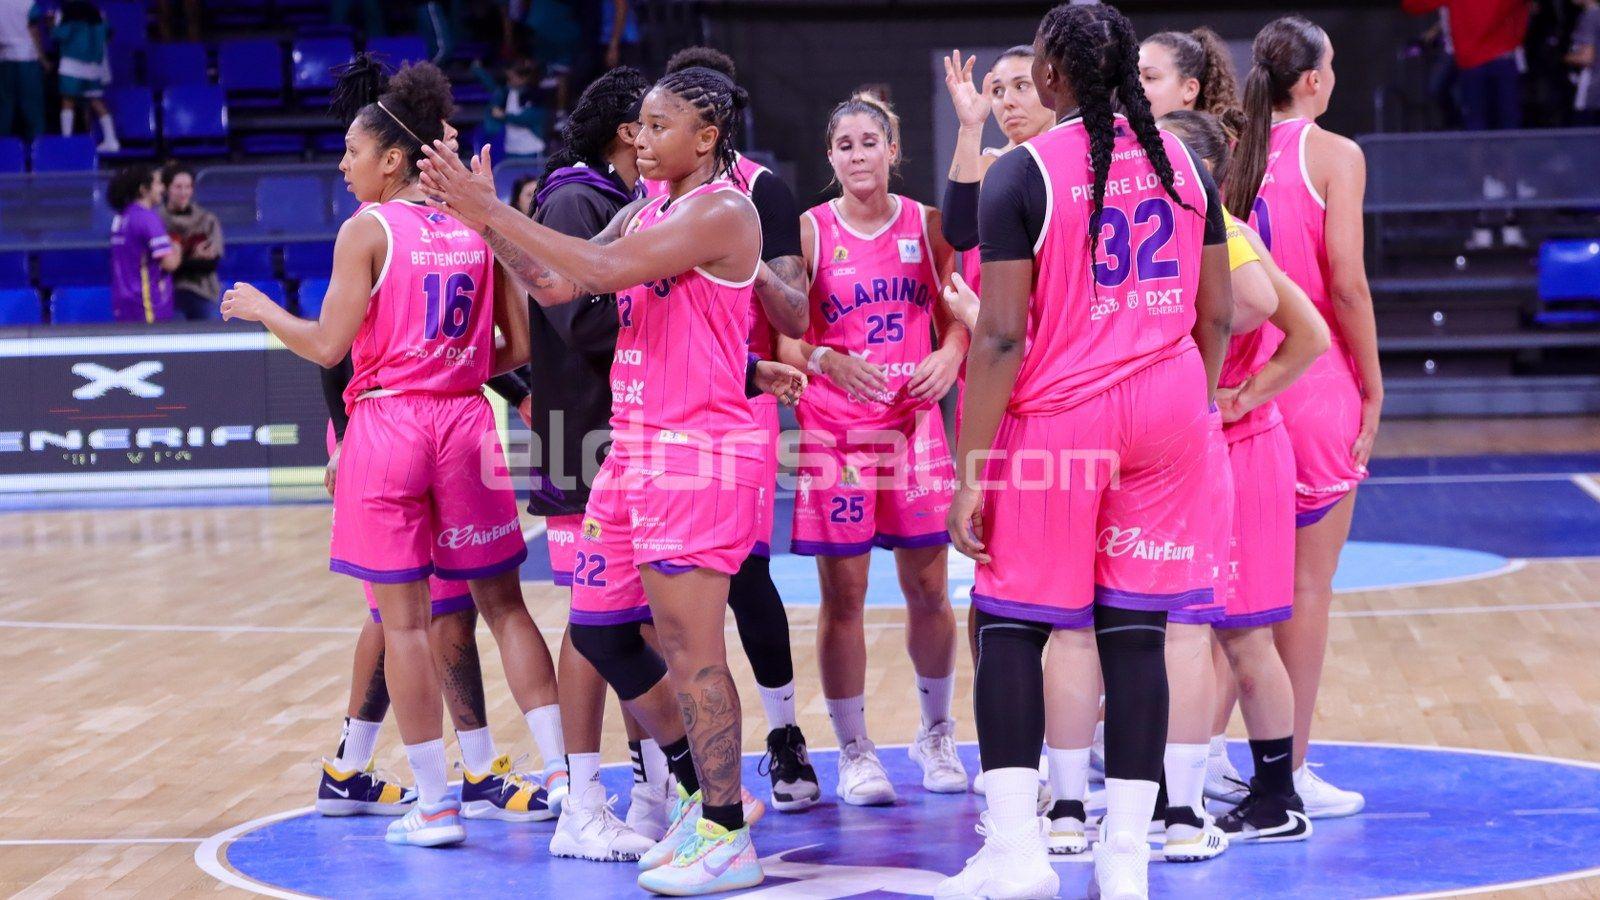 Las jugadoras se felicitan tras acabar el partido / @jacfotografo